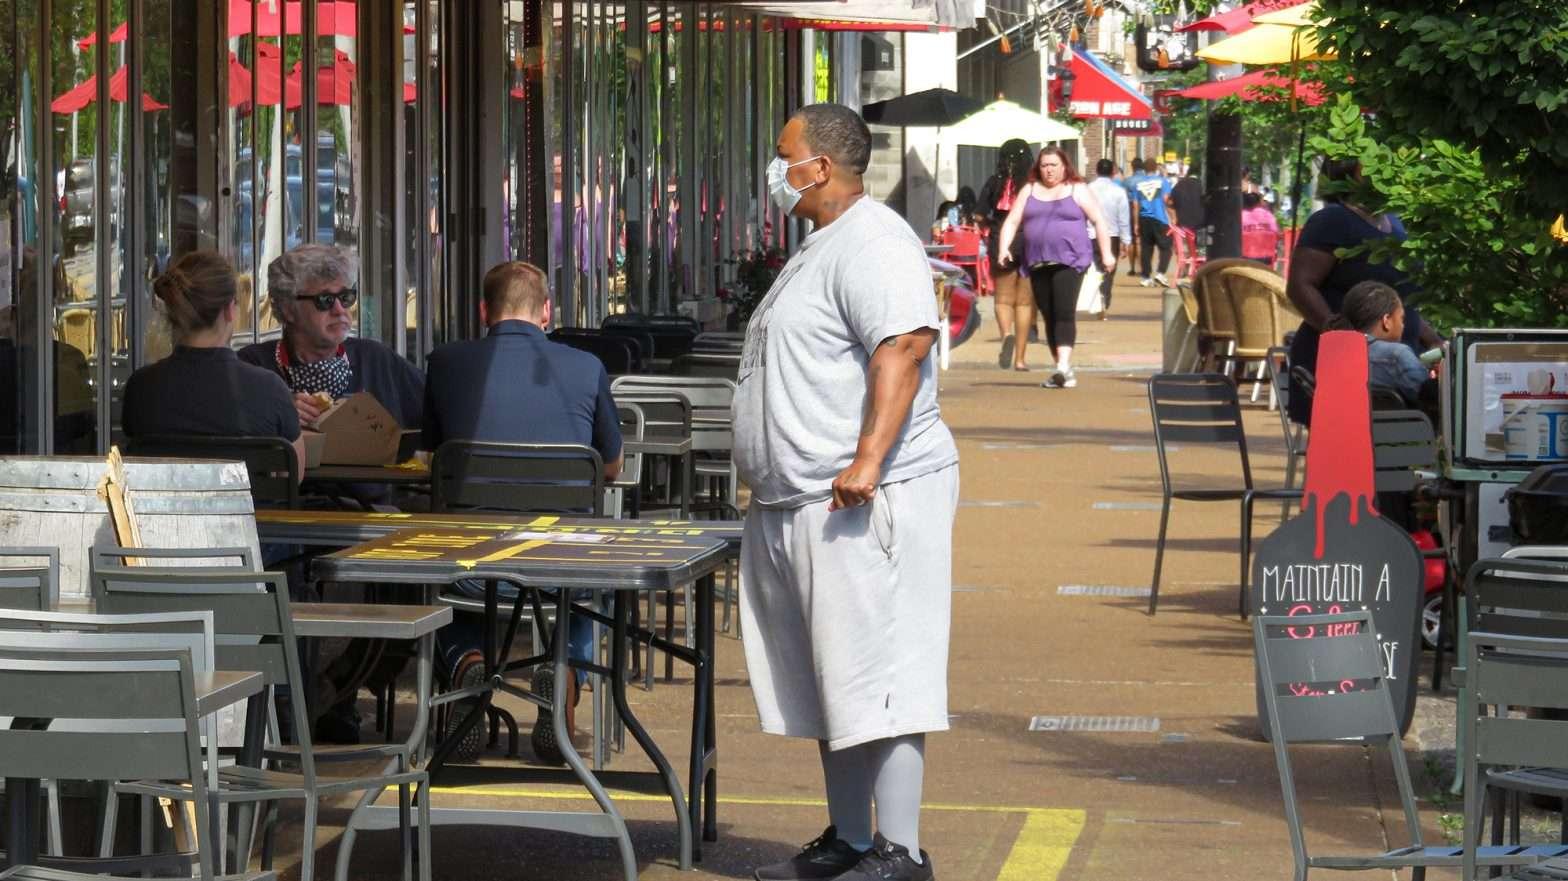 Salt & Smoke offers sidewalk dining The Delmar Loop (photo credit June 1, 2020 by craig currie)